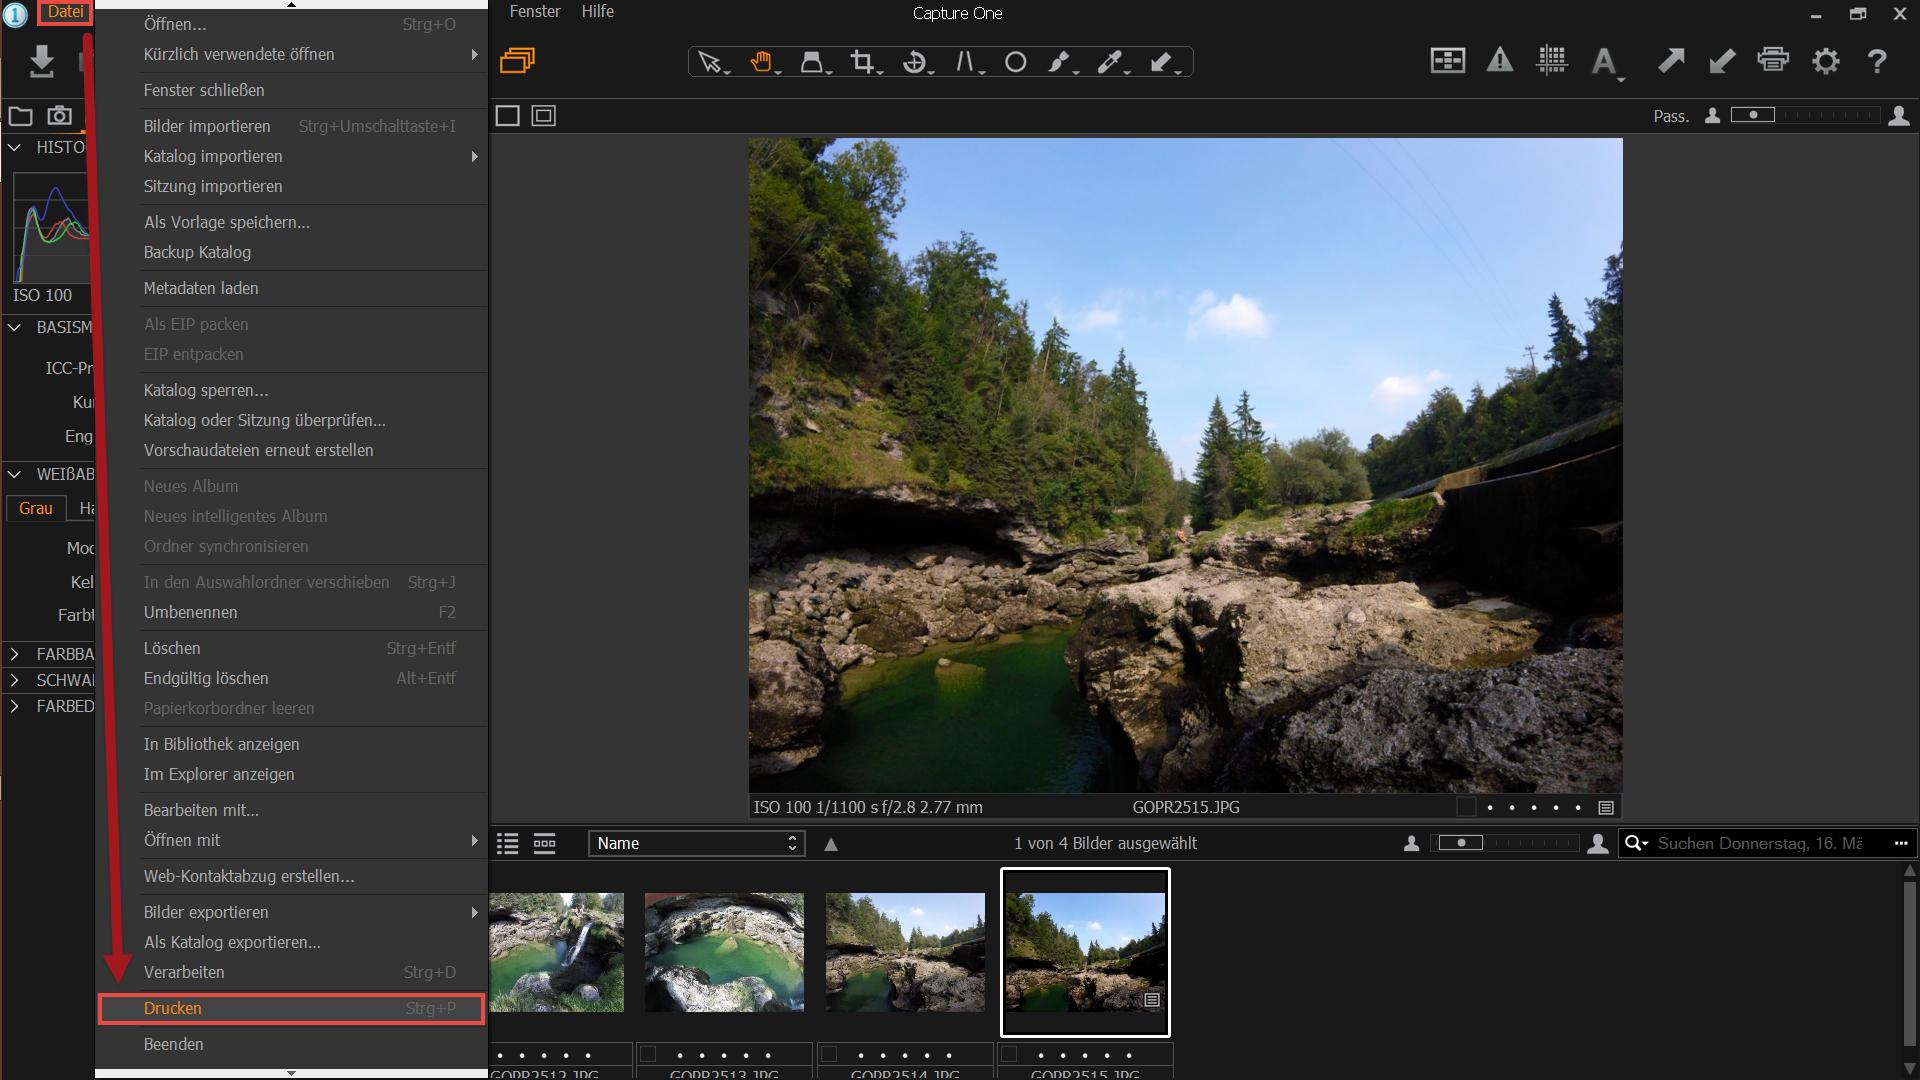 Capture One Pro - Datei/Drucken